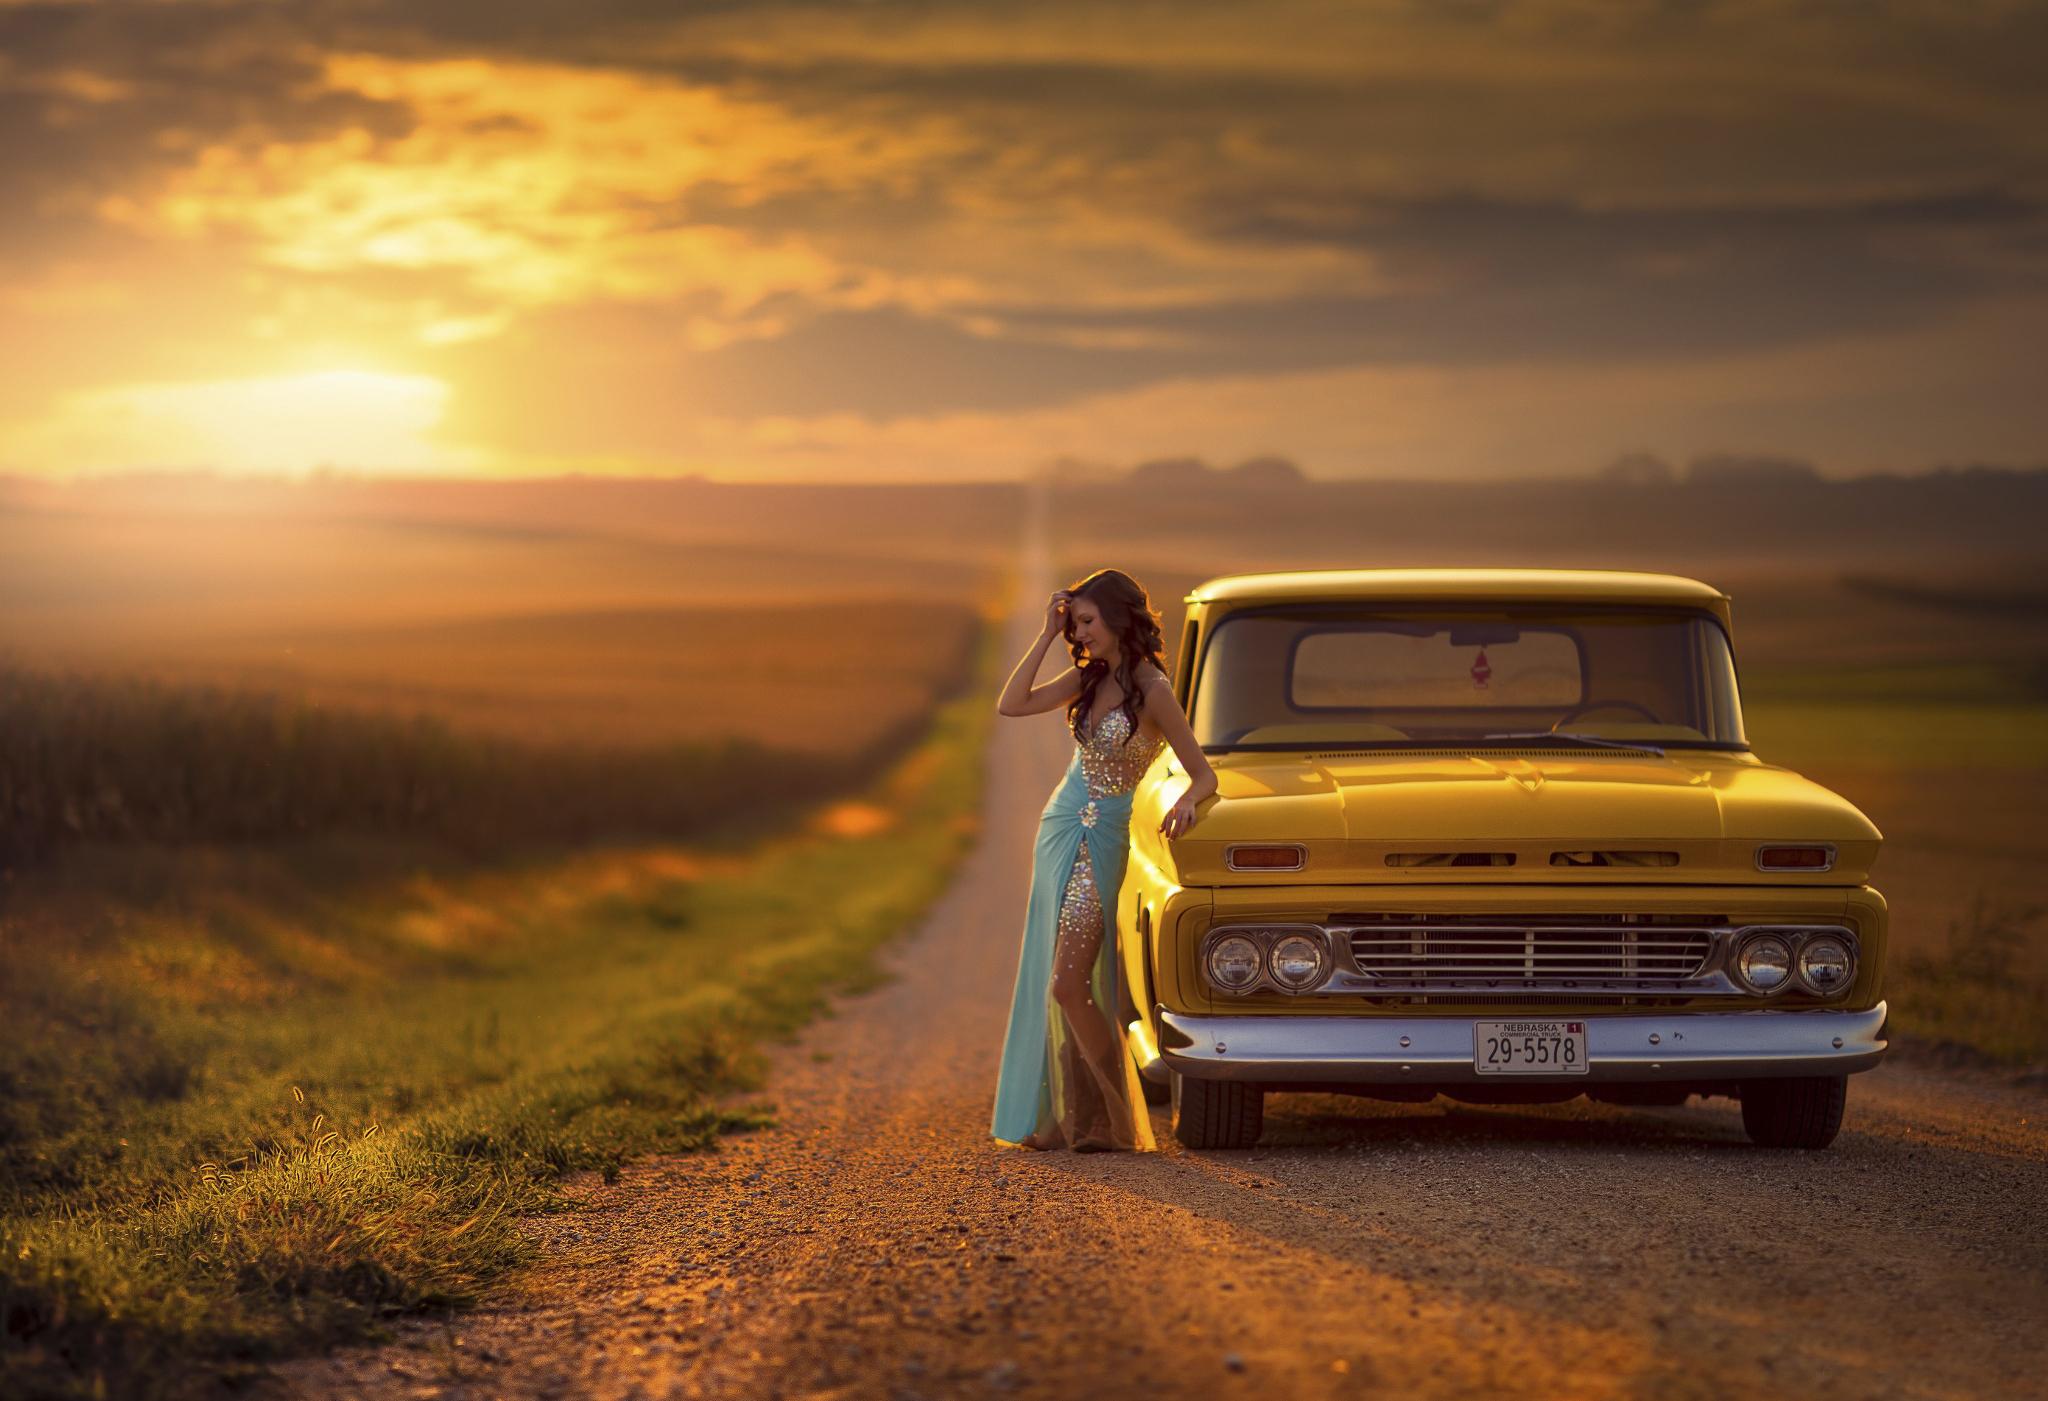 Старый автомобиль в поле  № 2341354 бесплатно